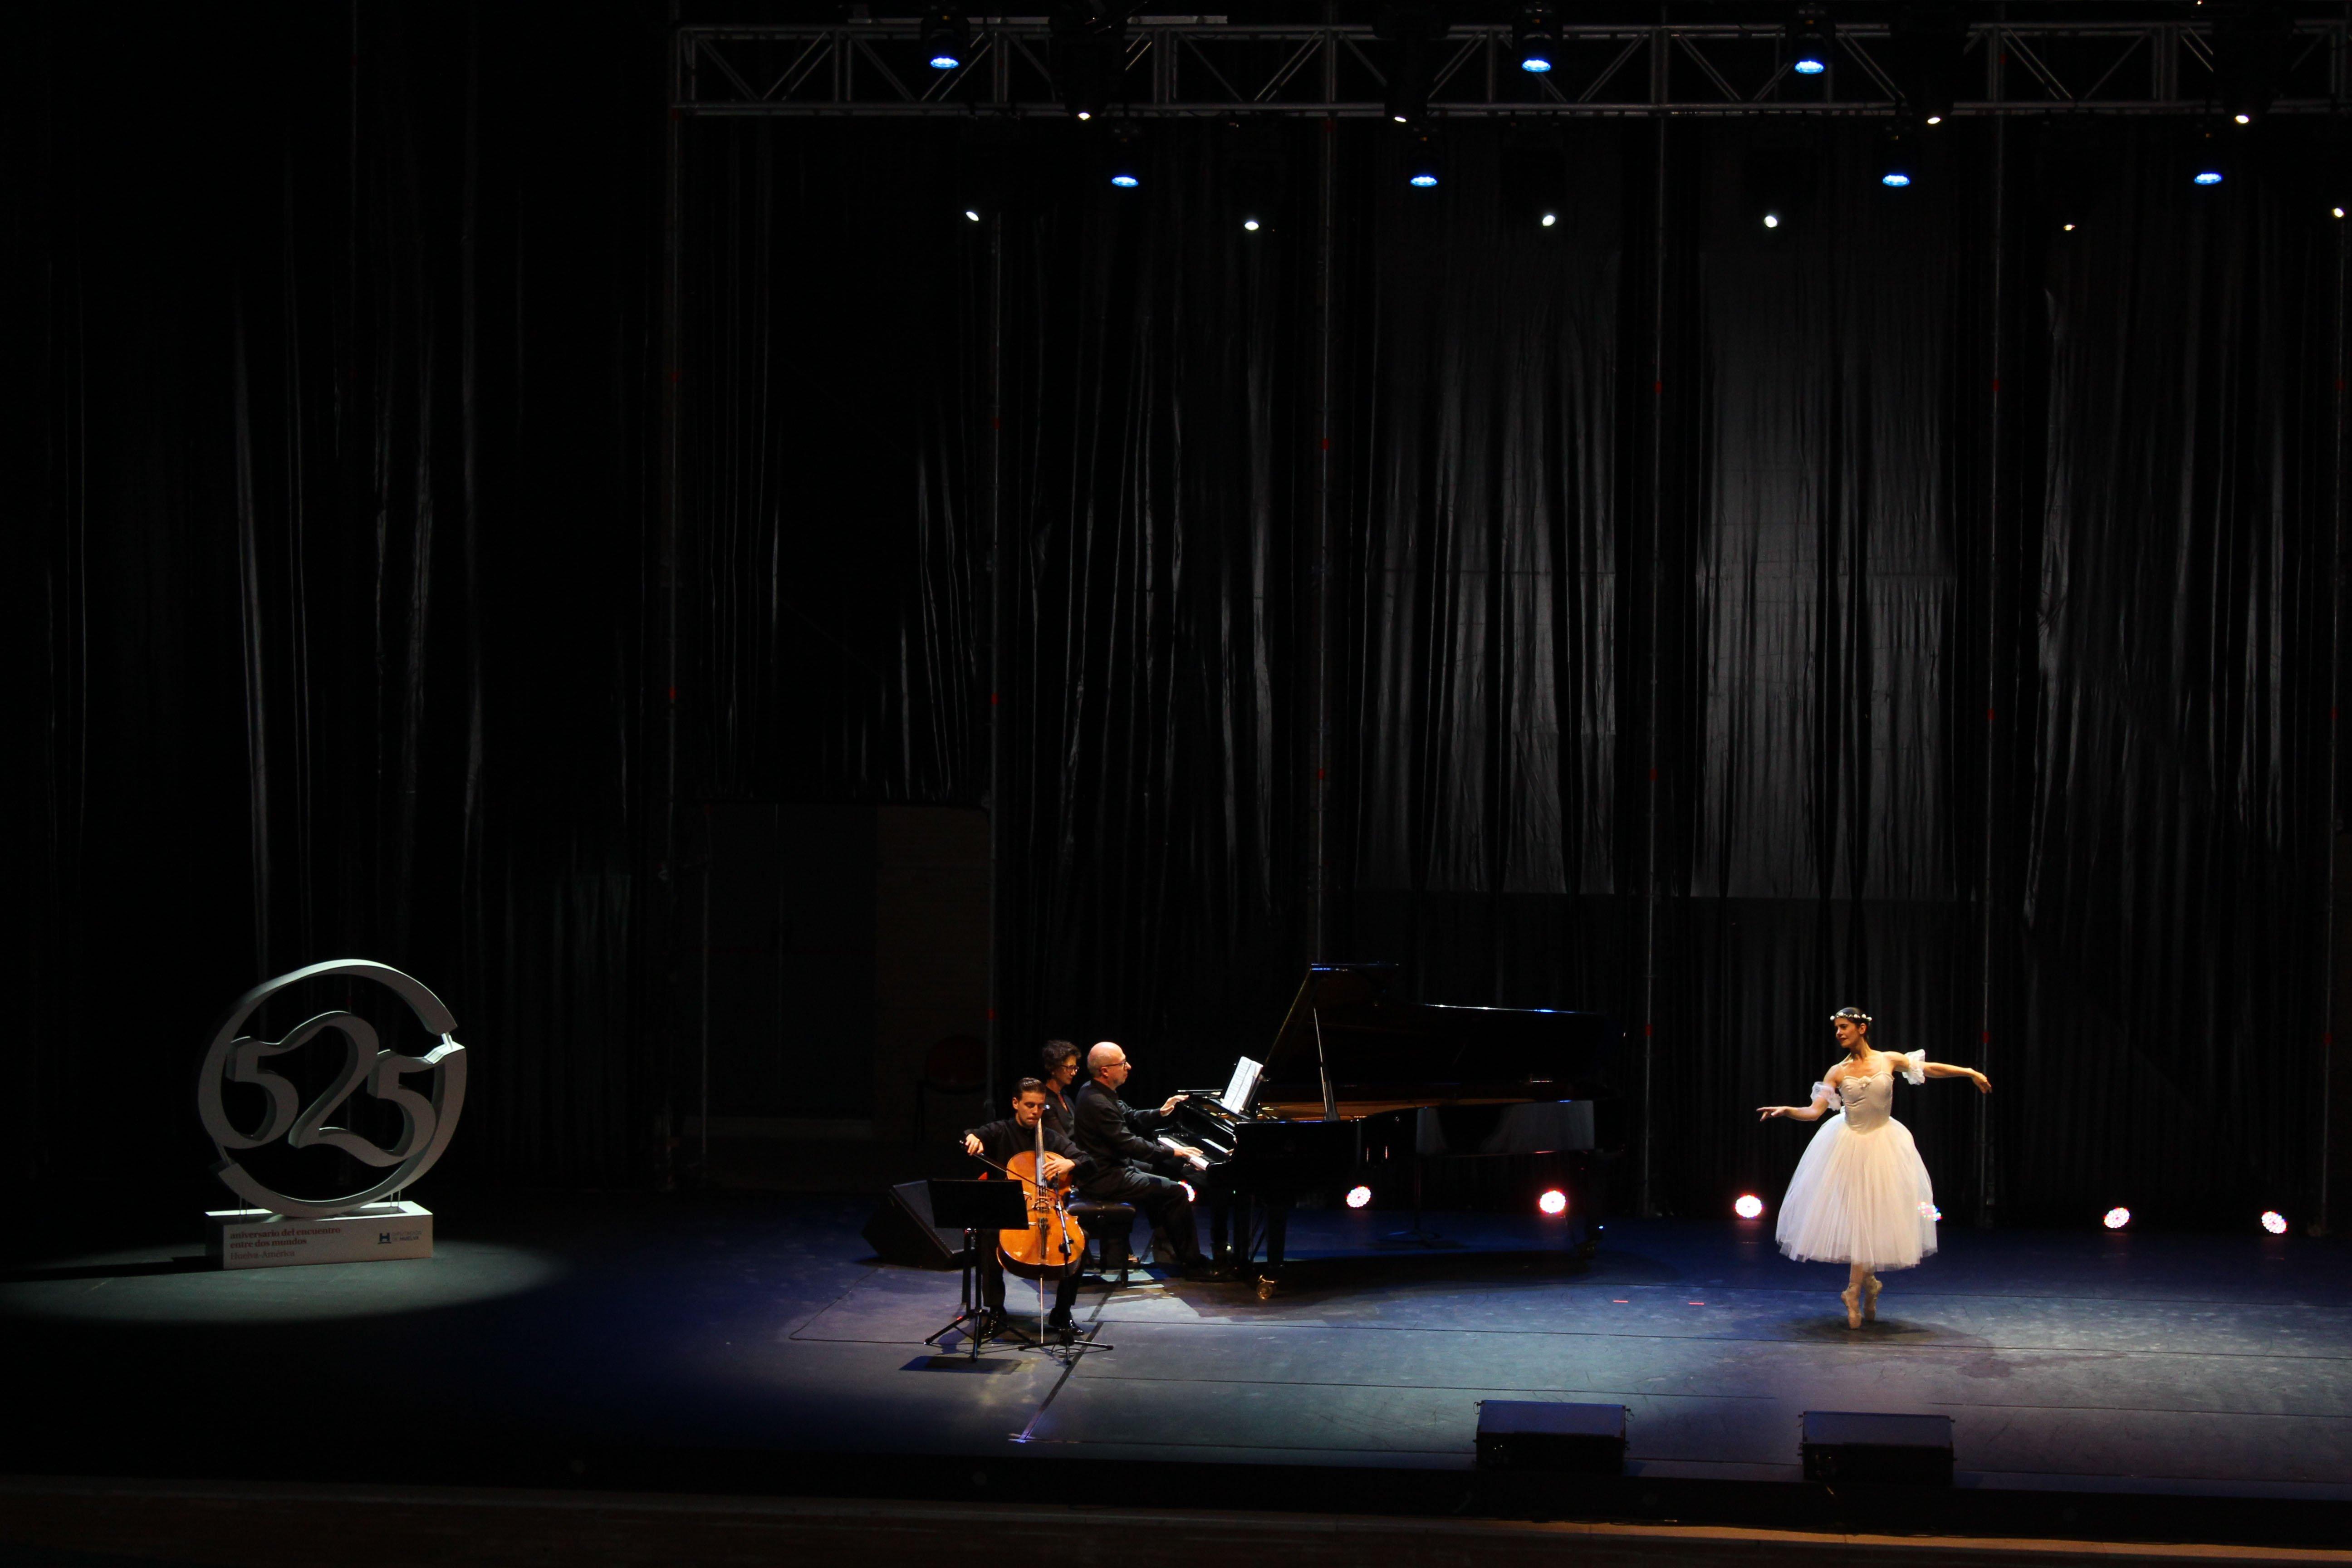 Concierto Ainhoa Arteta 11